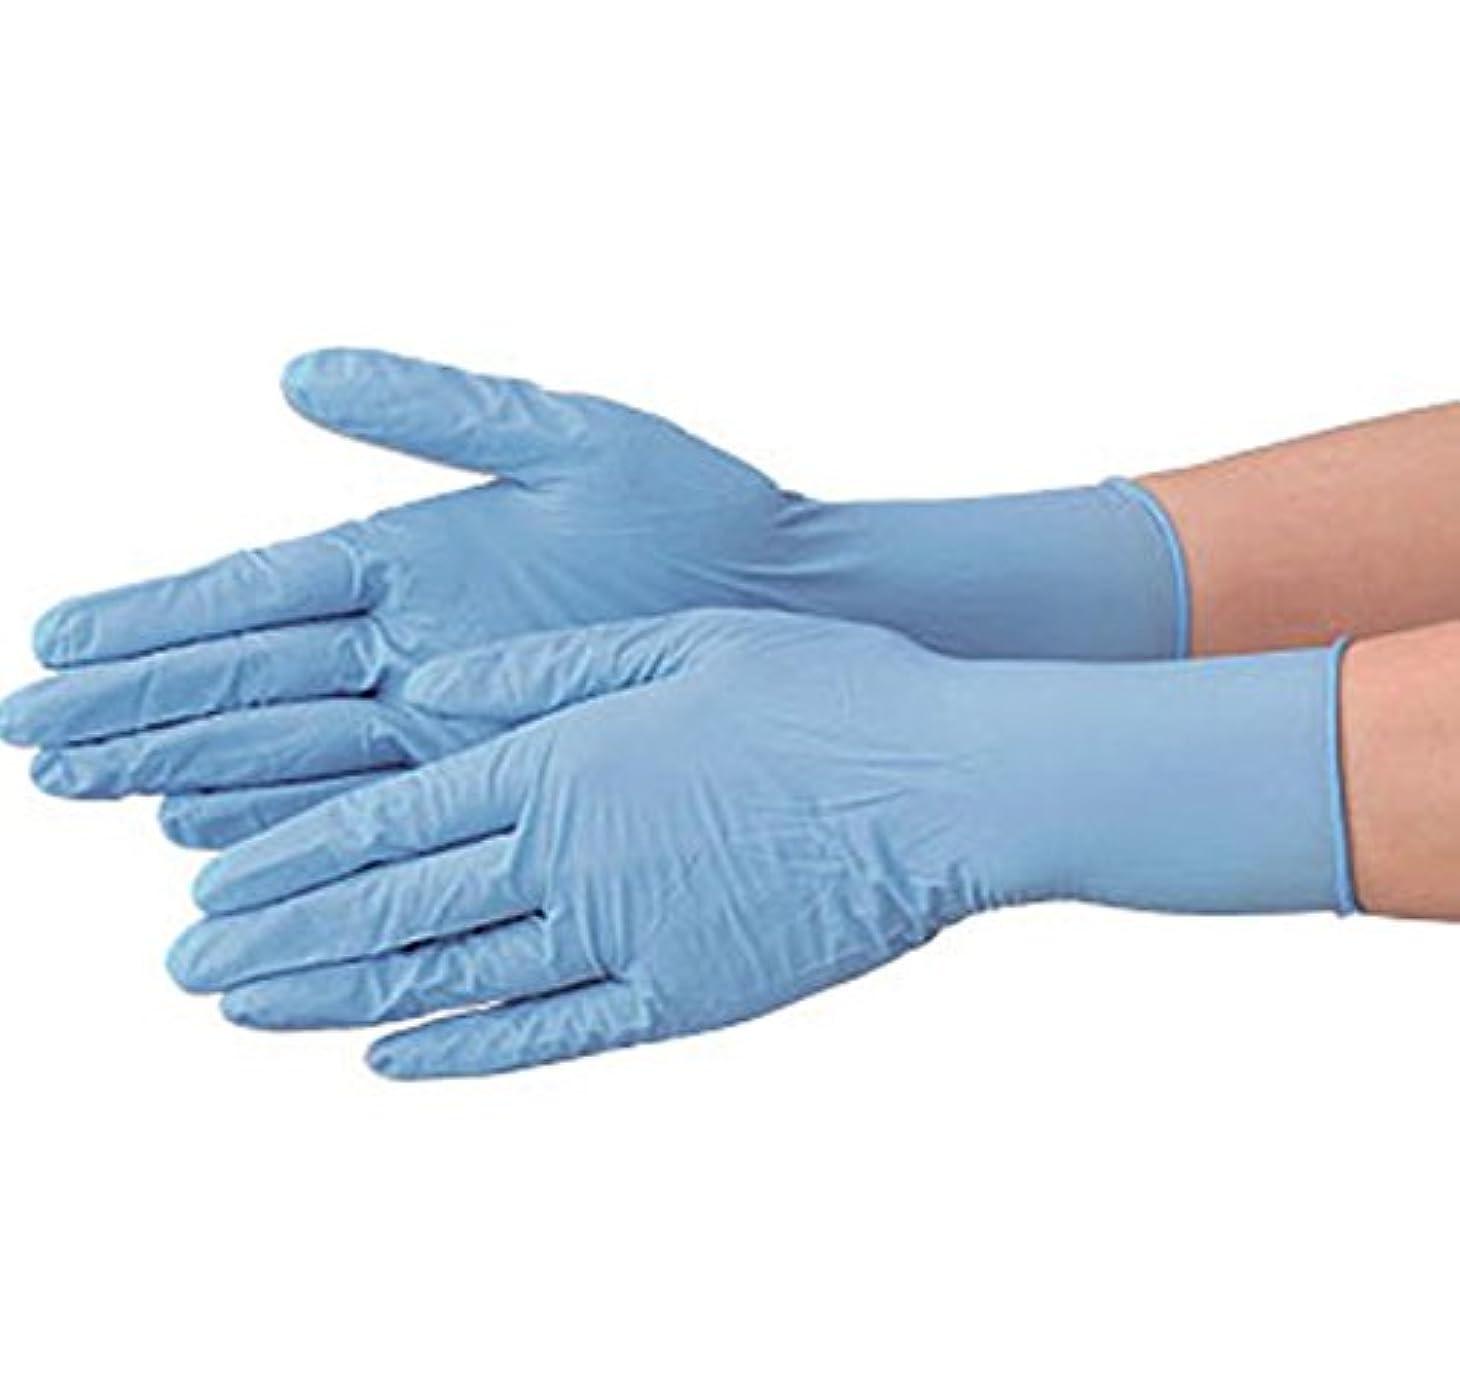 福祉スポークスマンドループ使い捨て 手袋 エブノ 520 ニトリル 極薄手袋 パウダーフリー ブルー Sサイズ 2ケース(100枚×40箱)